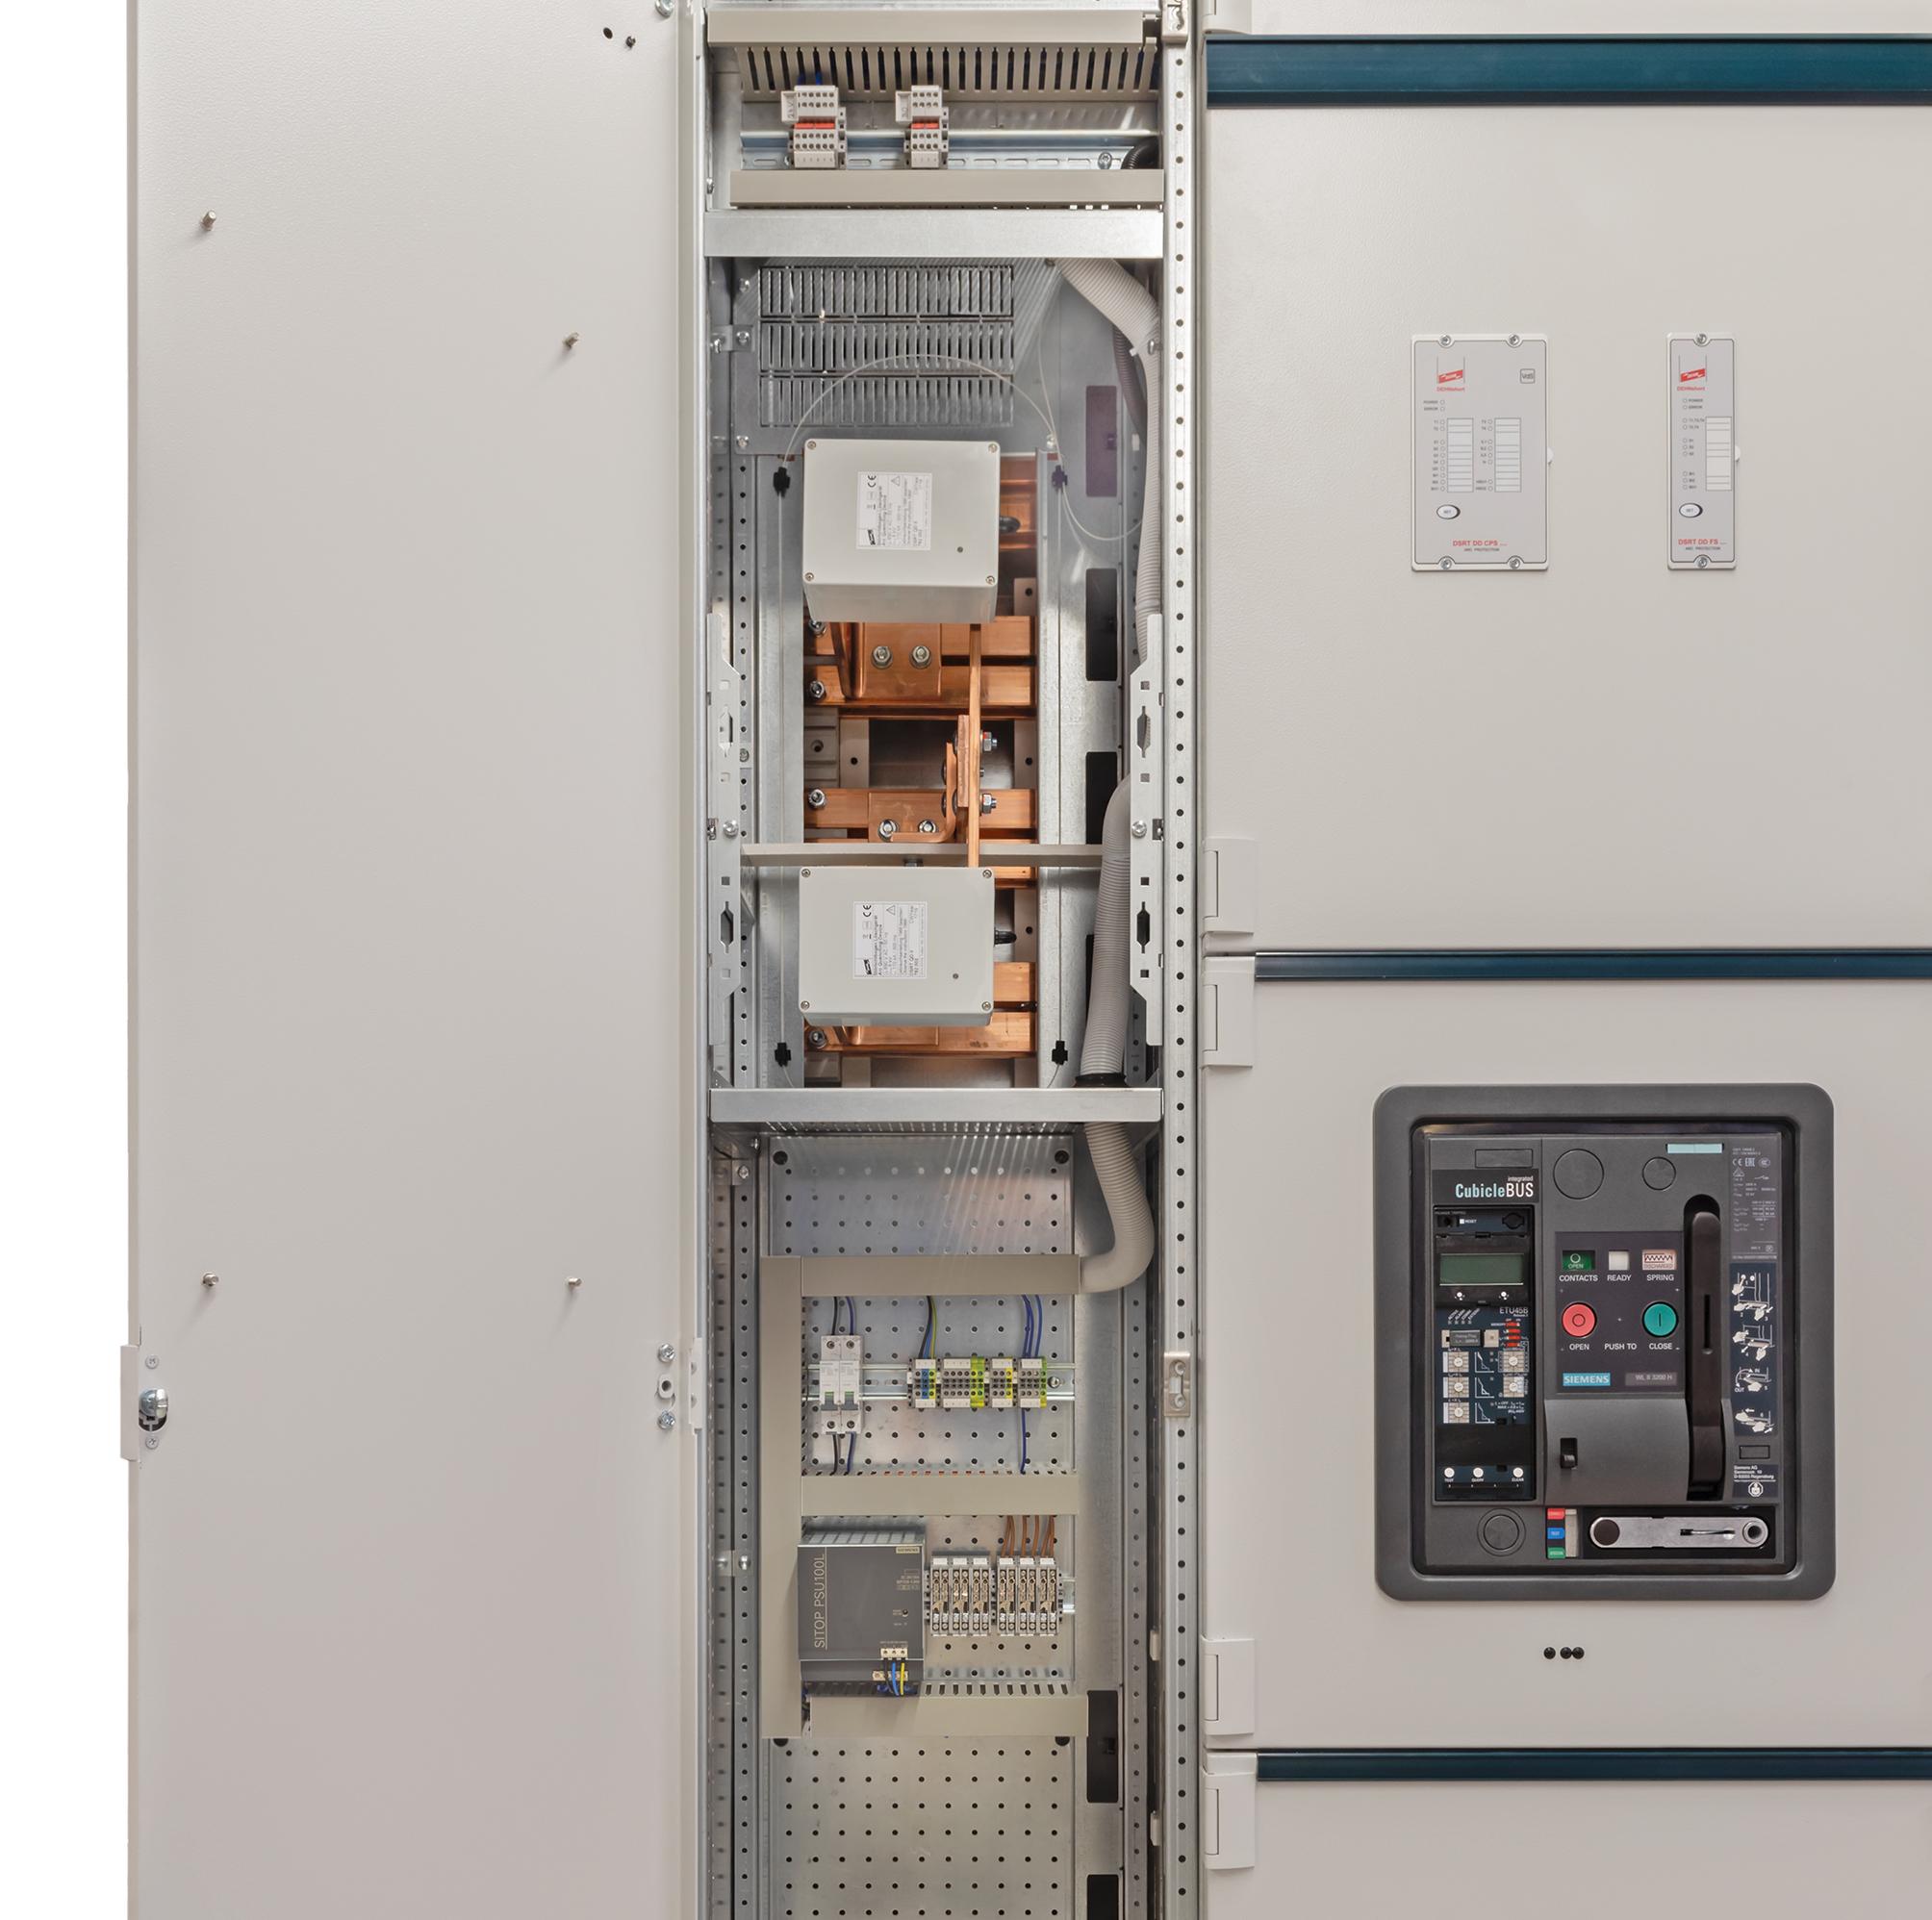 Maßgebend hinsichtlich Richtlinienkonformität innerhalb der EU für Schaltanlagen nach der DIN EN 61439-2 ist die Niederspannungsrichtlinie 2014/35/EU. (Bild: Siemens AG)